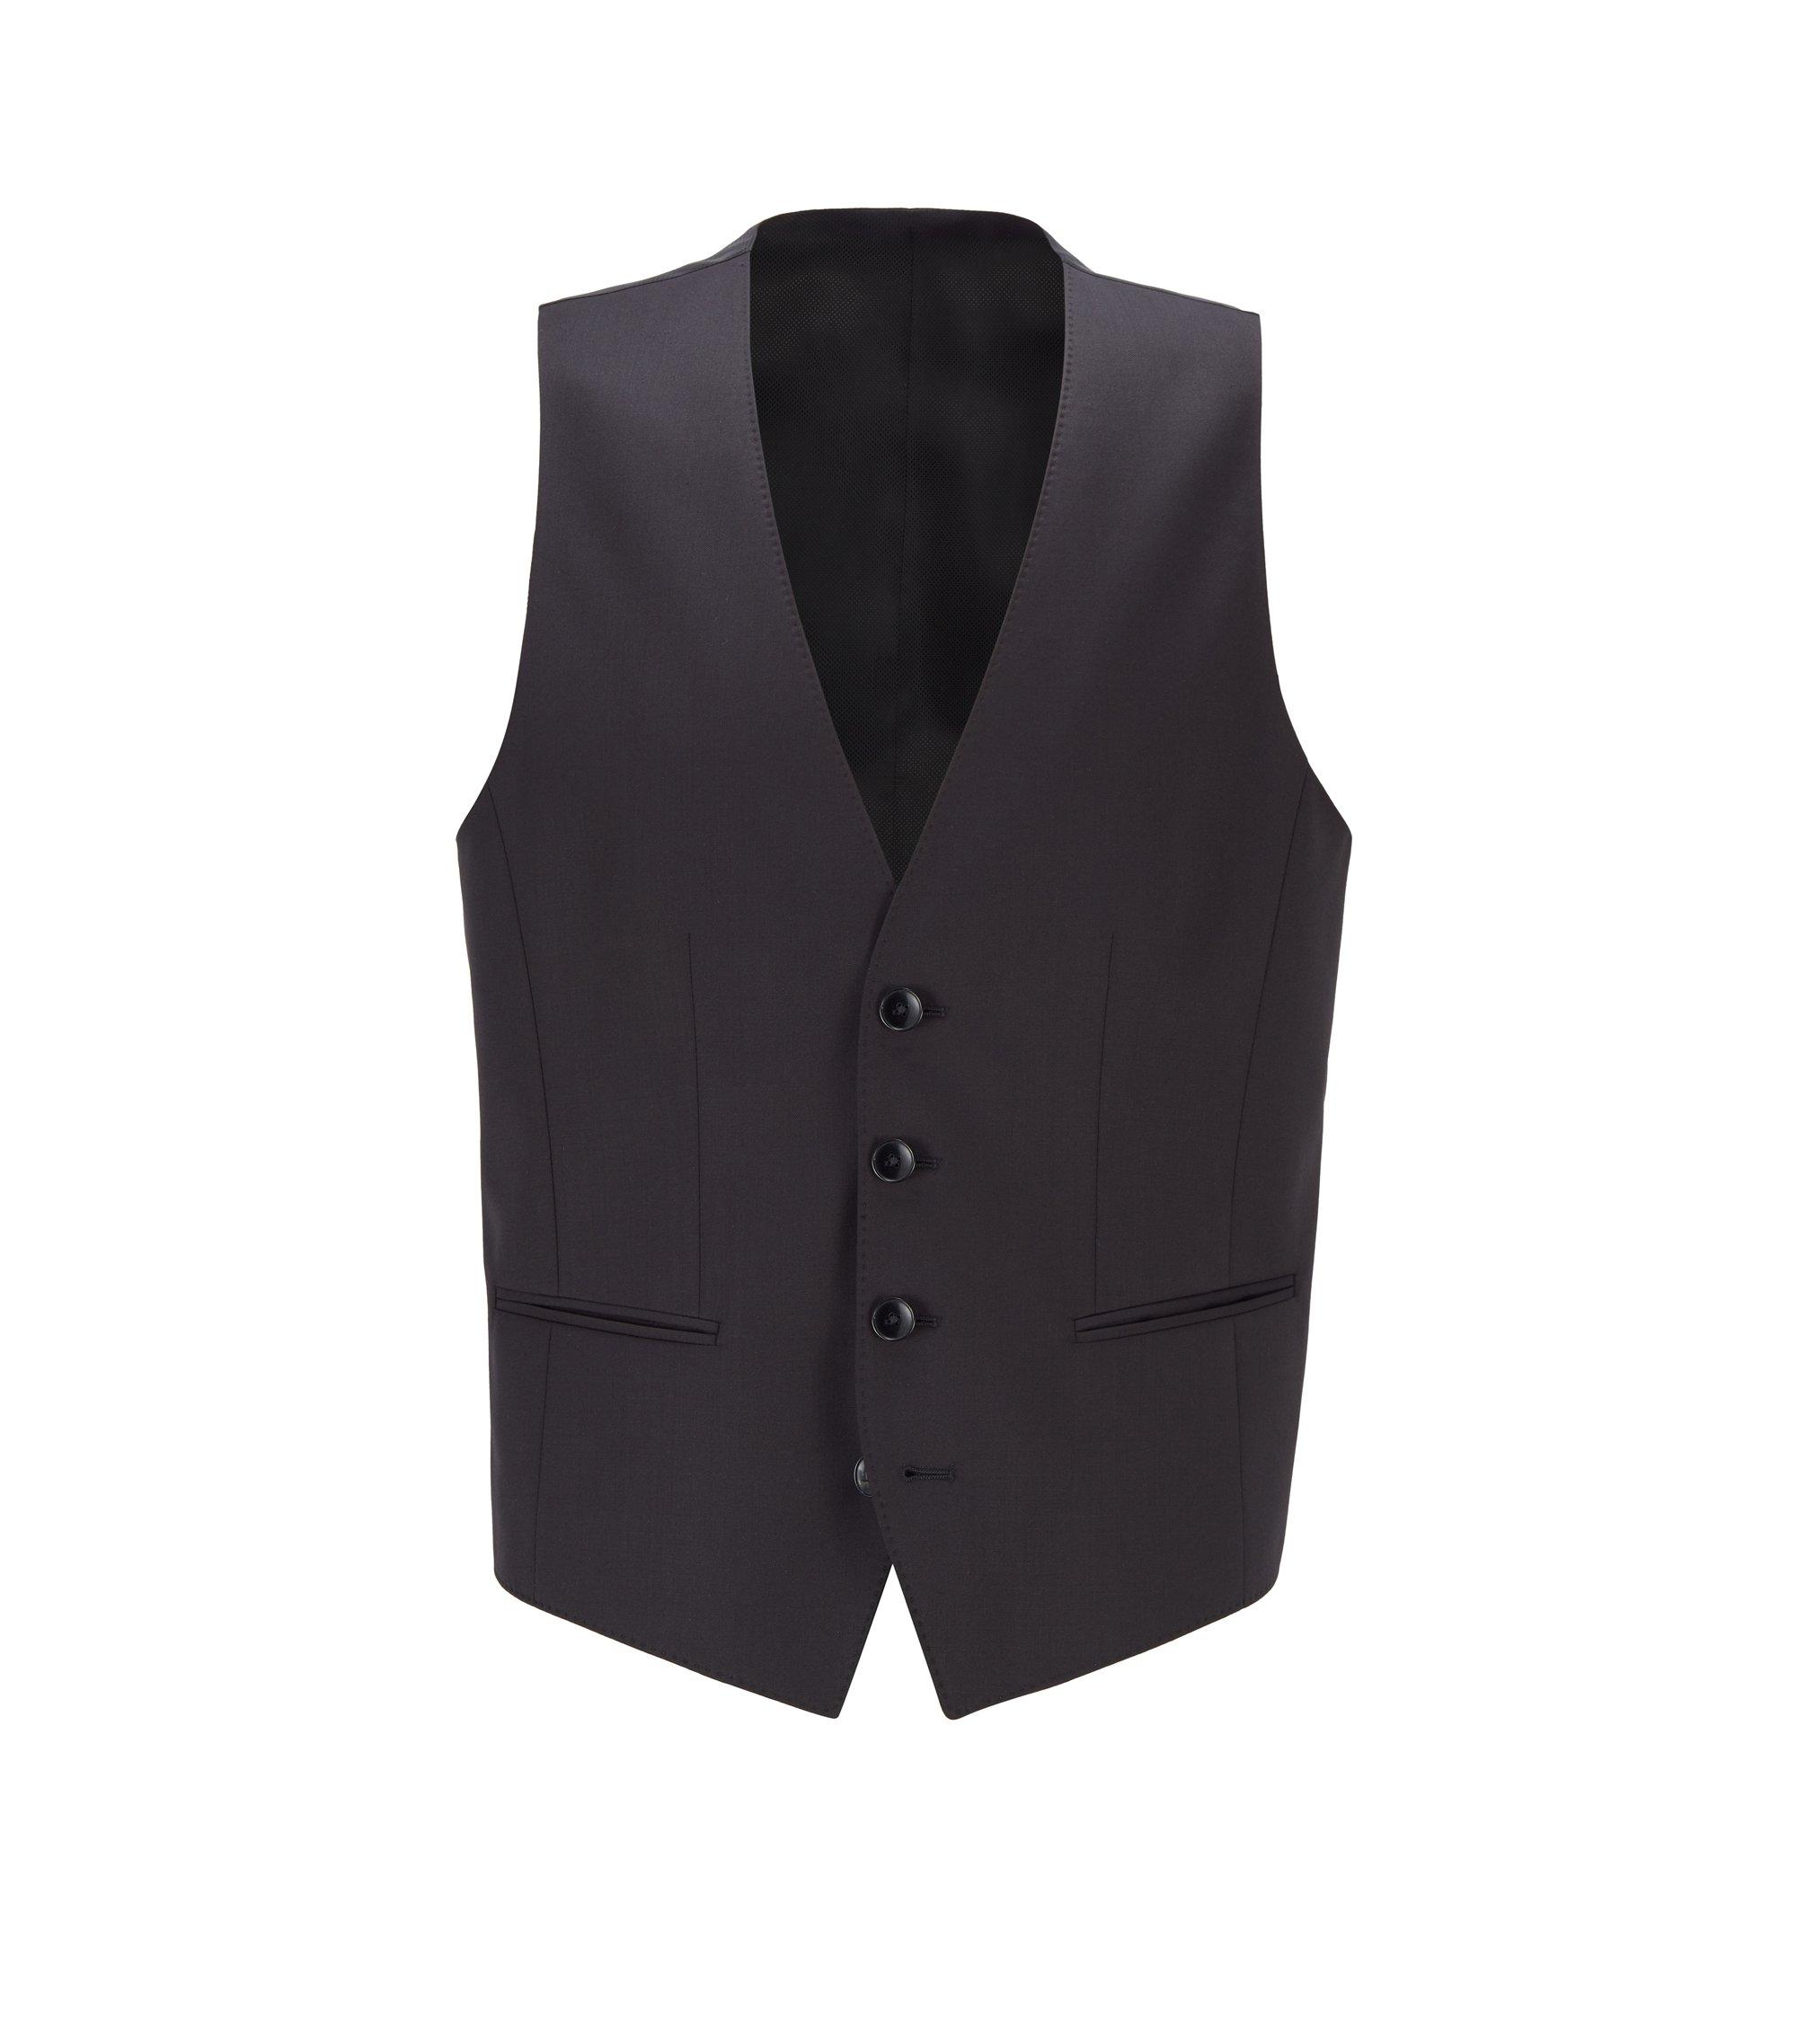 Virgin Wool Waistcoat, Slim Fit | Wilson CYL, Black